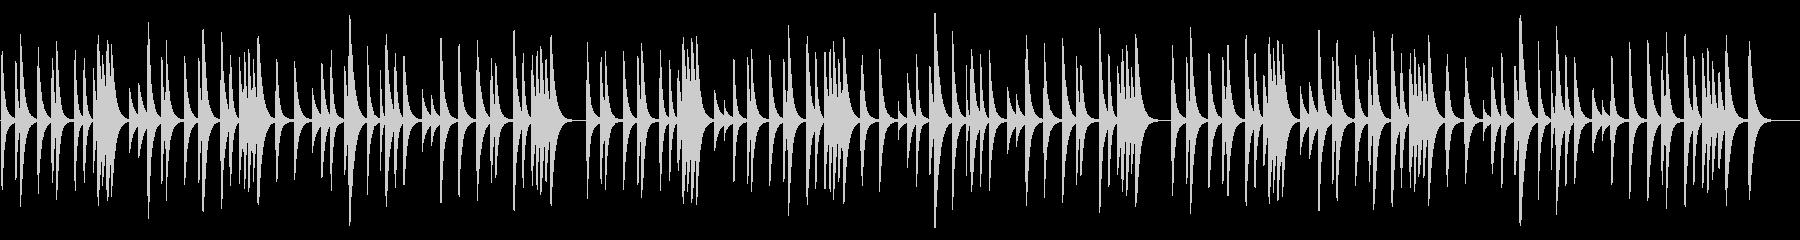 シューベルトの子守唄 18弁オルゴールの未再生の波形